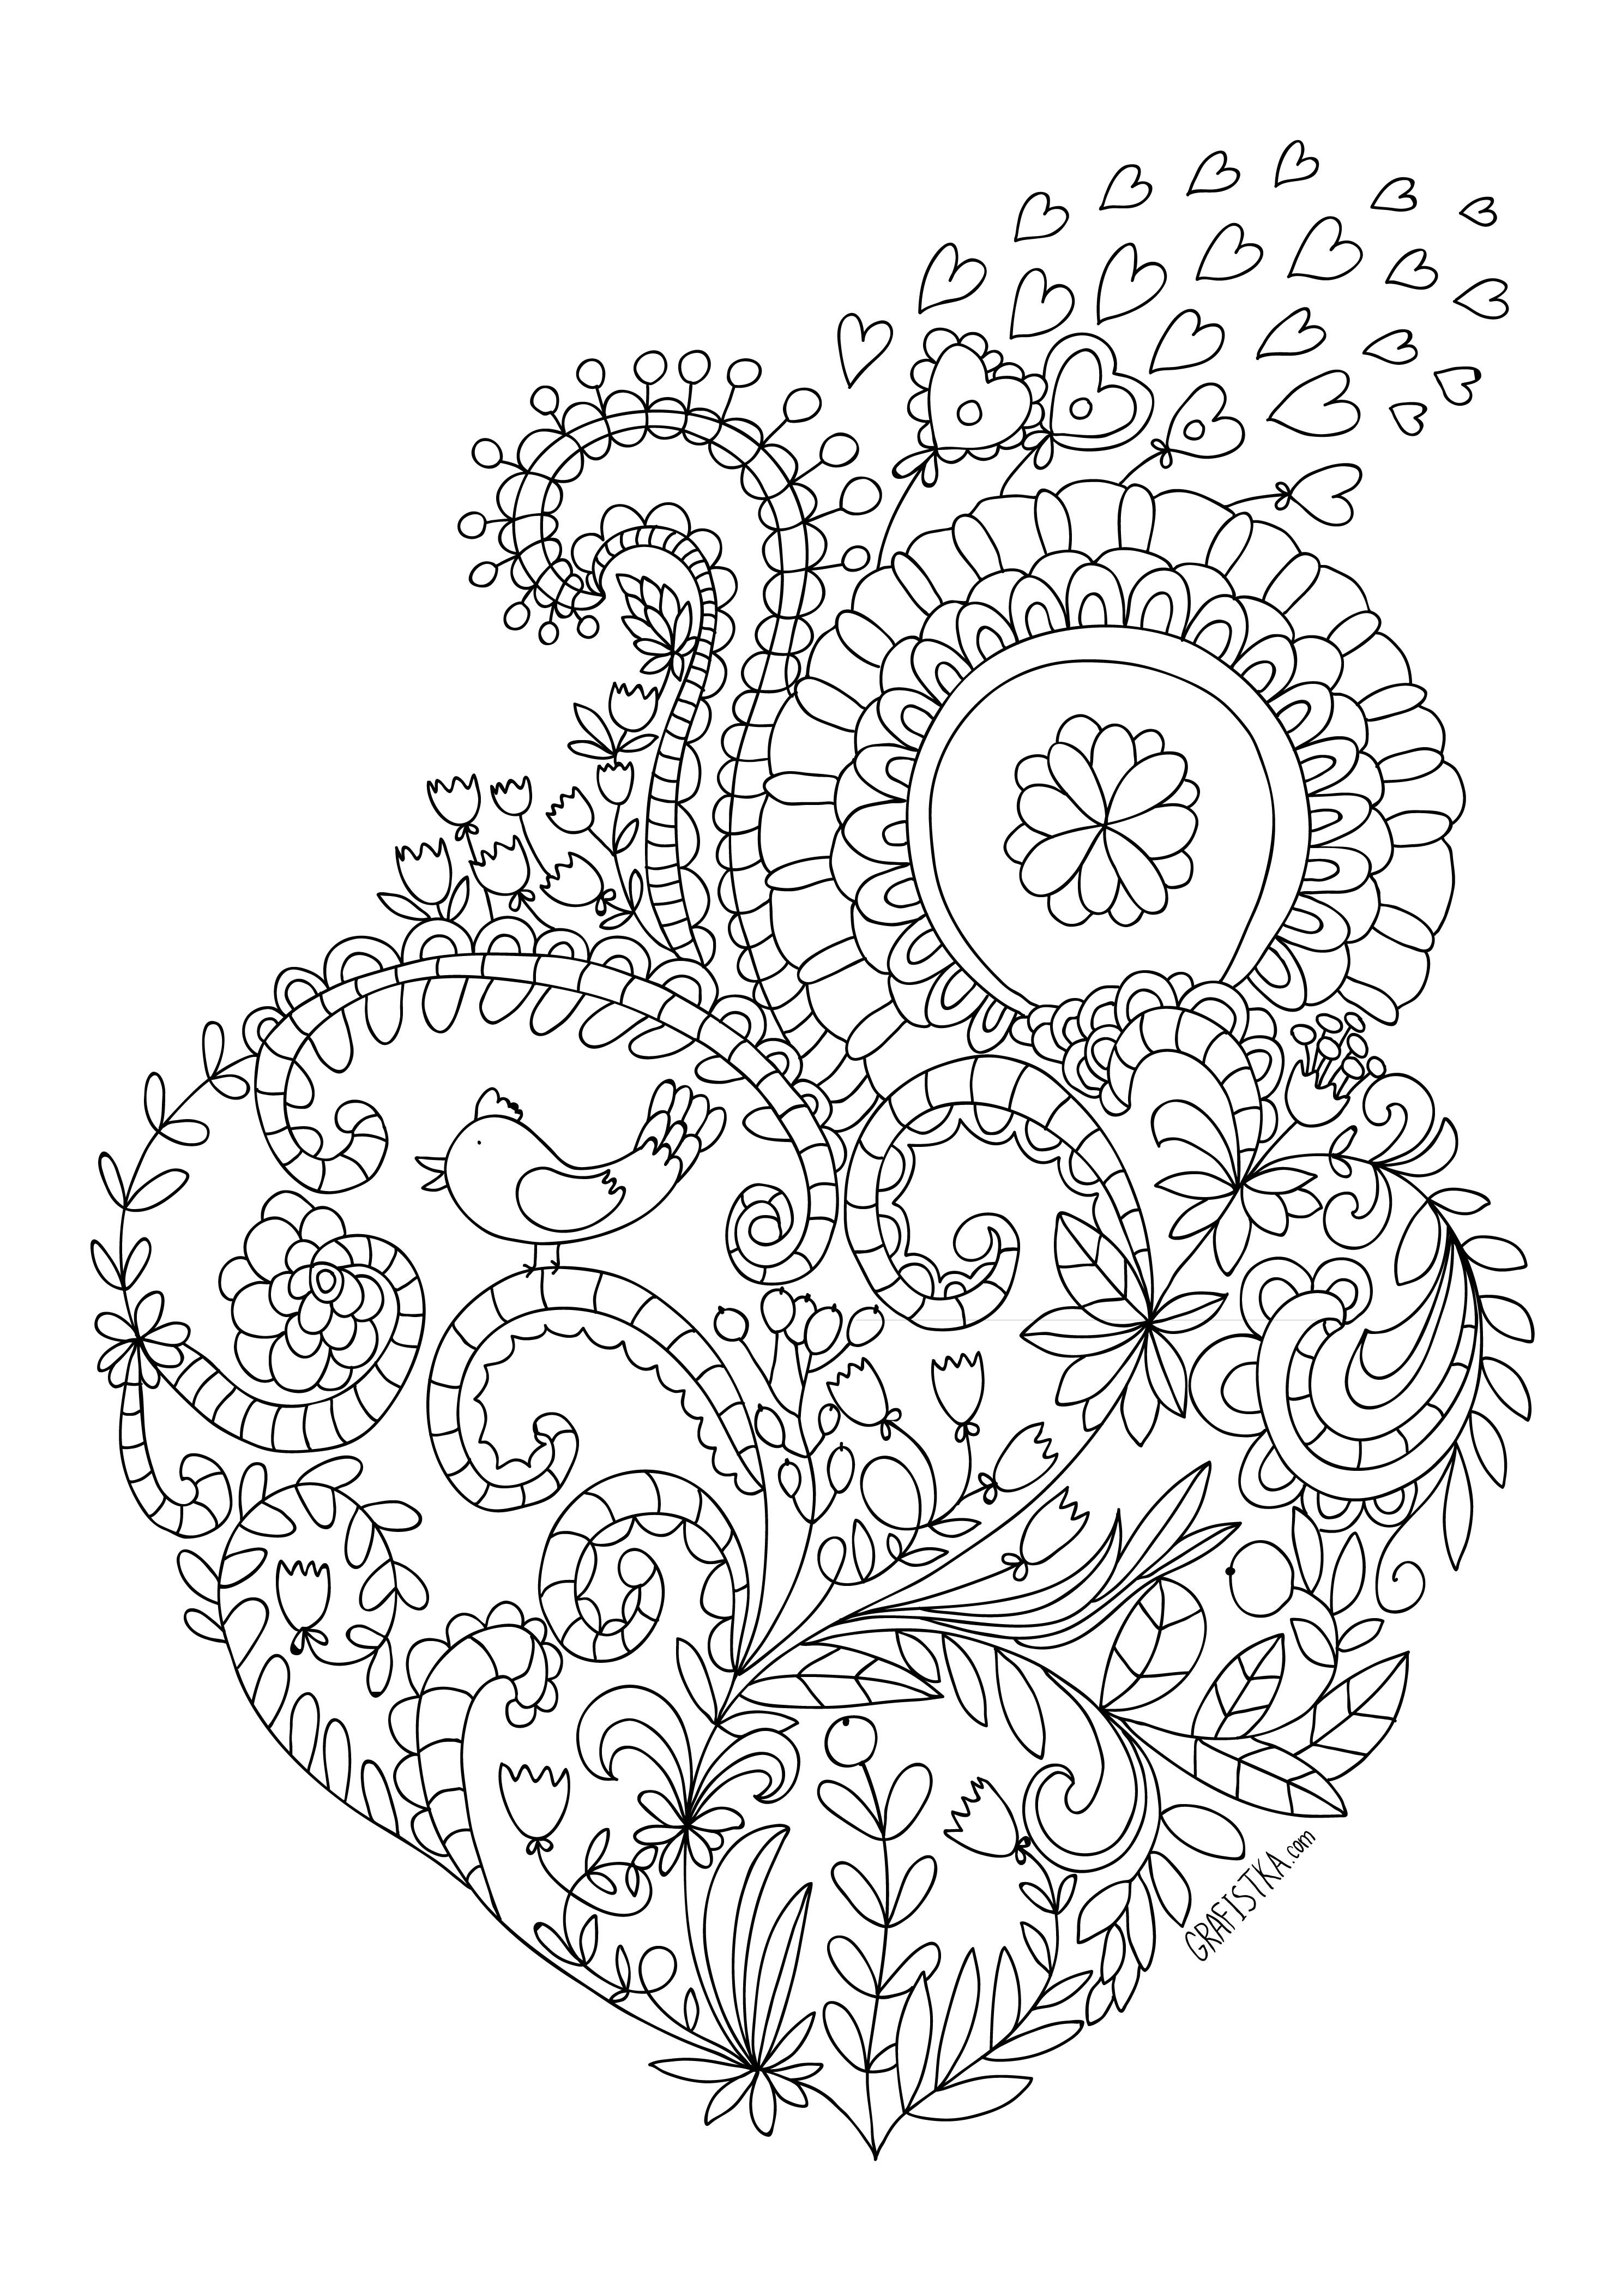 Раскраски антистресс  сердце из цветов Раскраски с цветами распечатать бесплатно